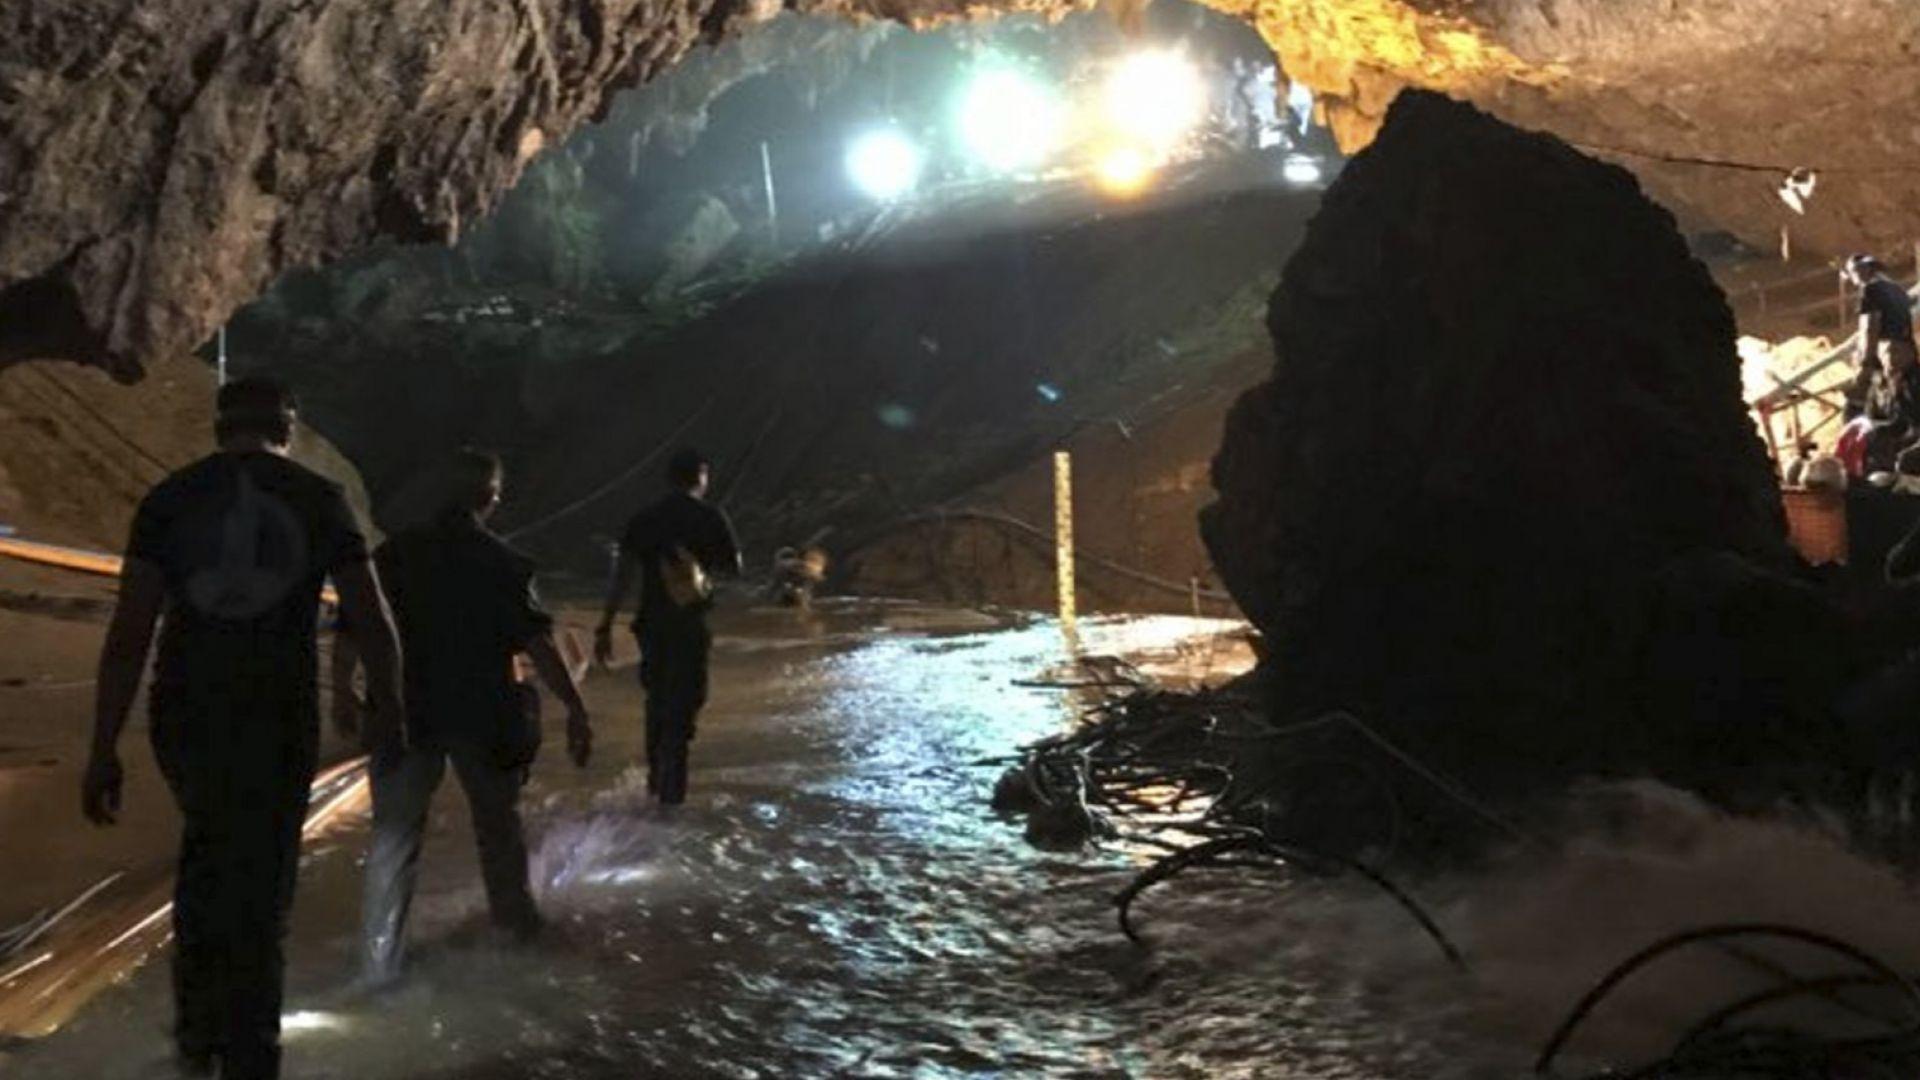 Мъск е със своята миниподводница край пещерата в Тайланд